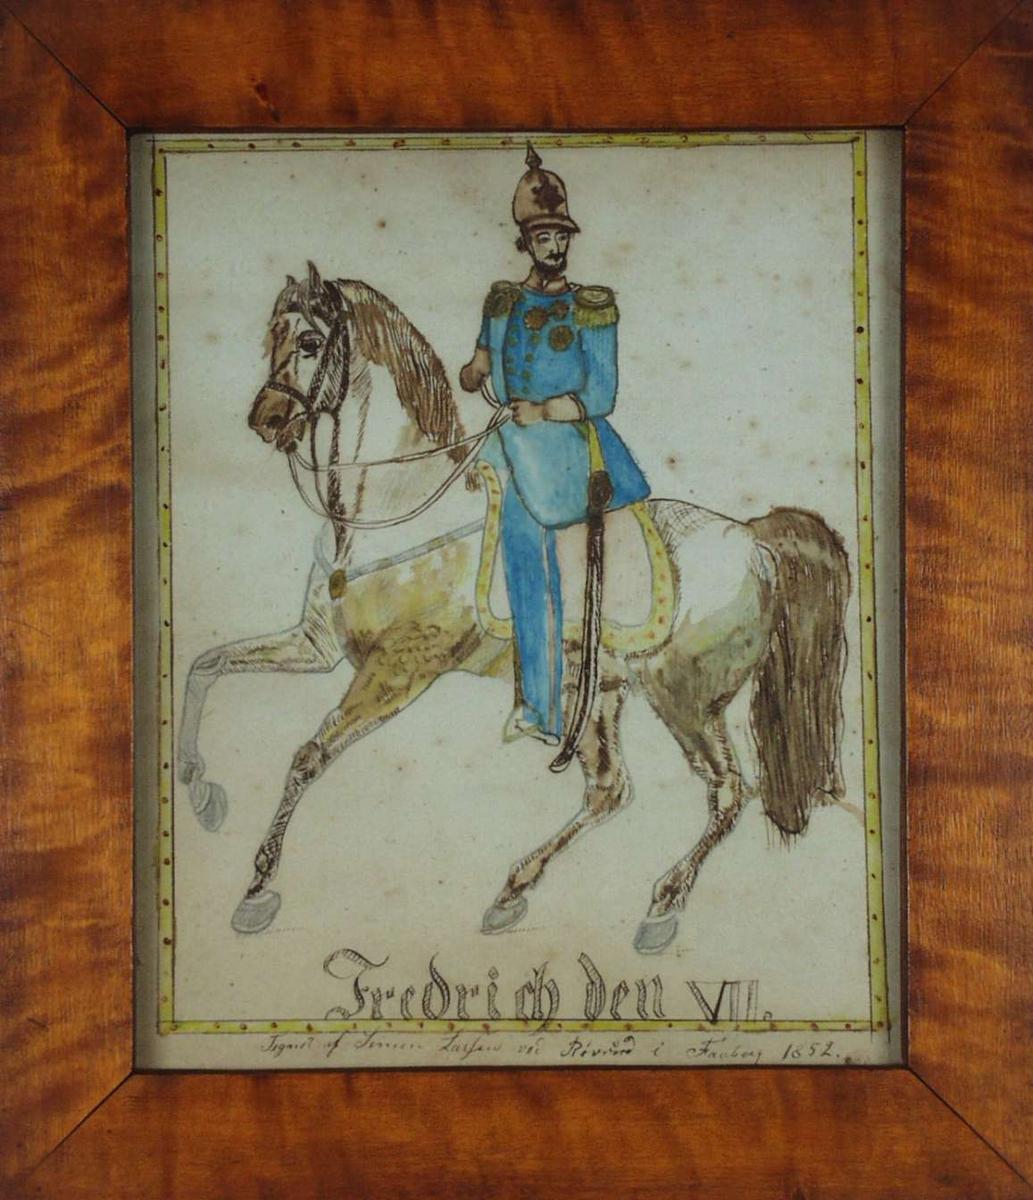 Fredrich den VII på en hest.